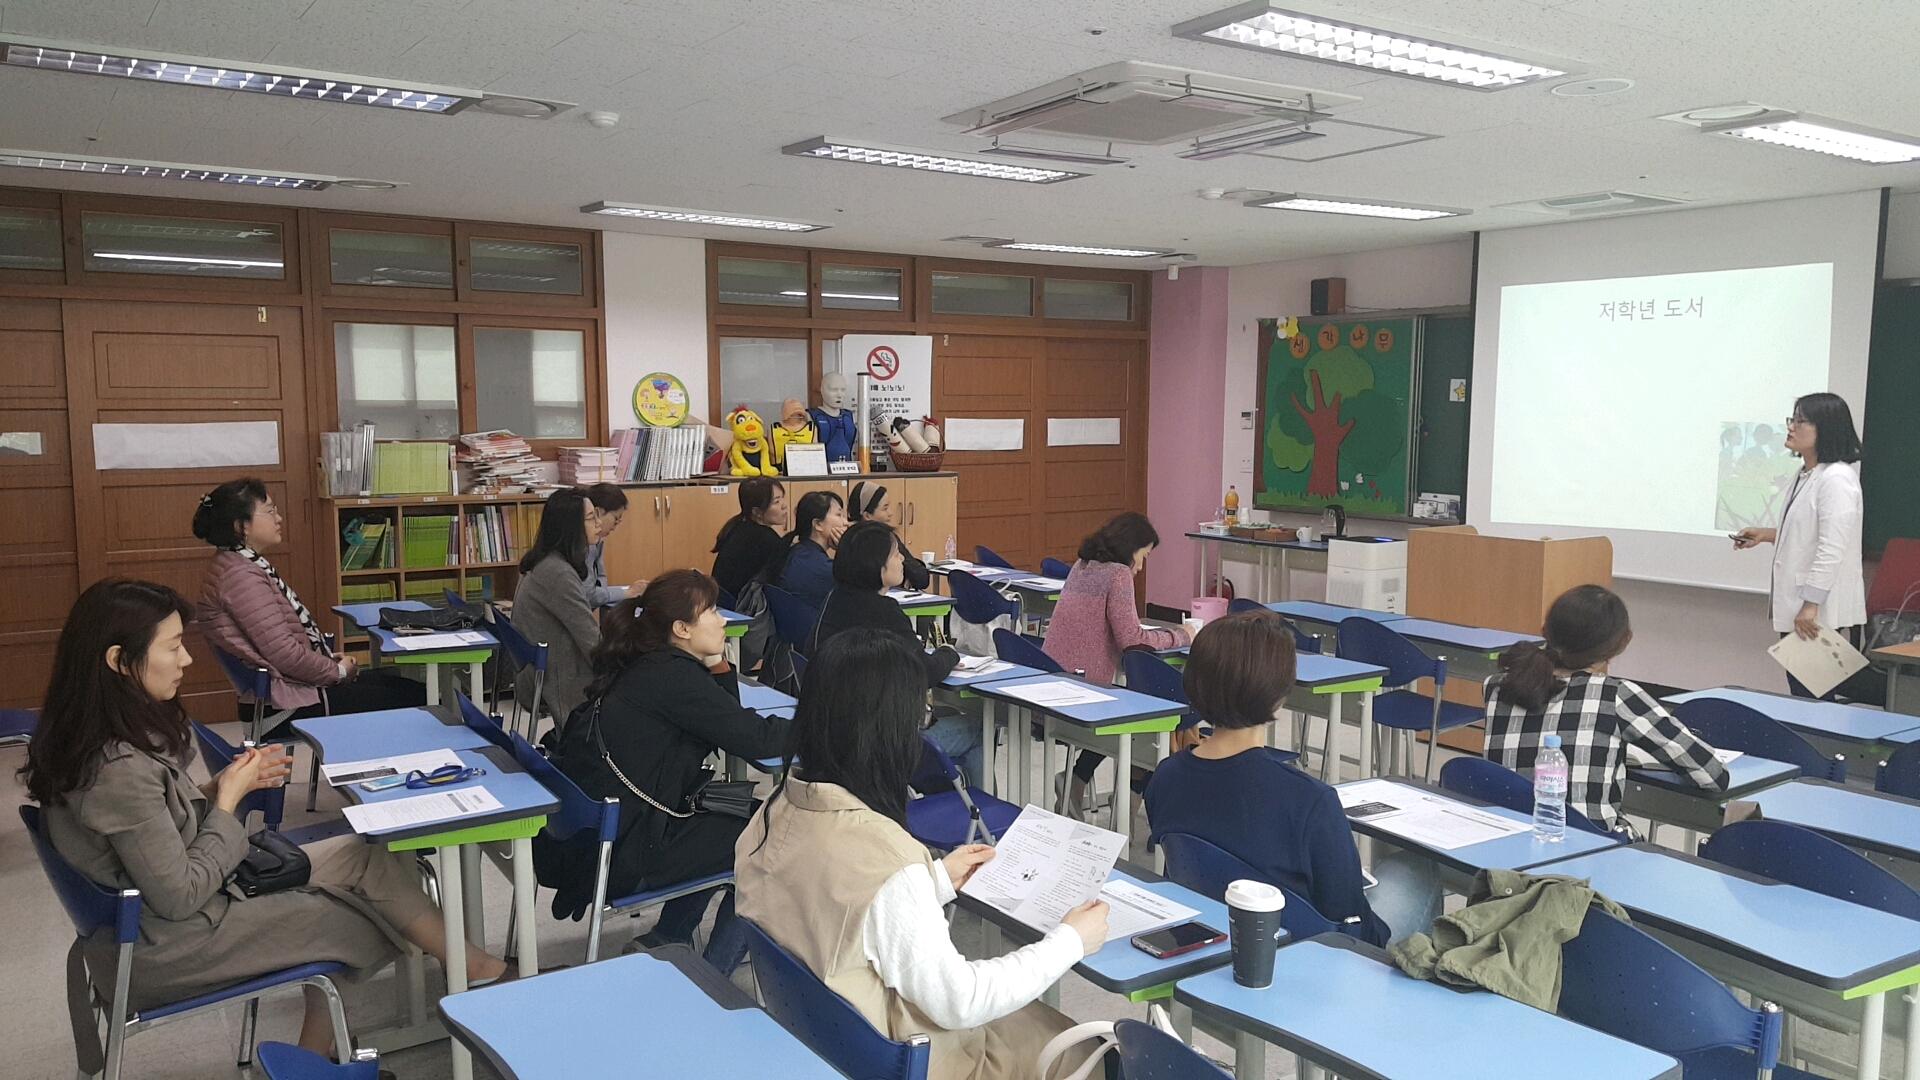 2018 신학기 학부모 강좌를 통한 자녀교육 고민 타파